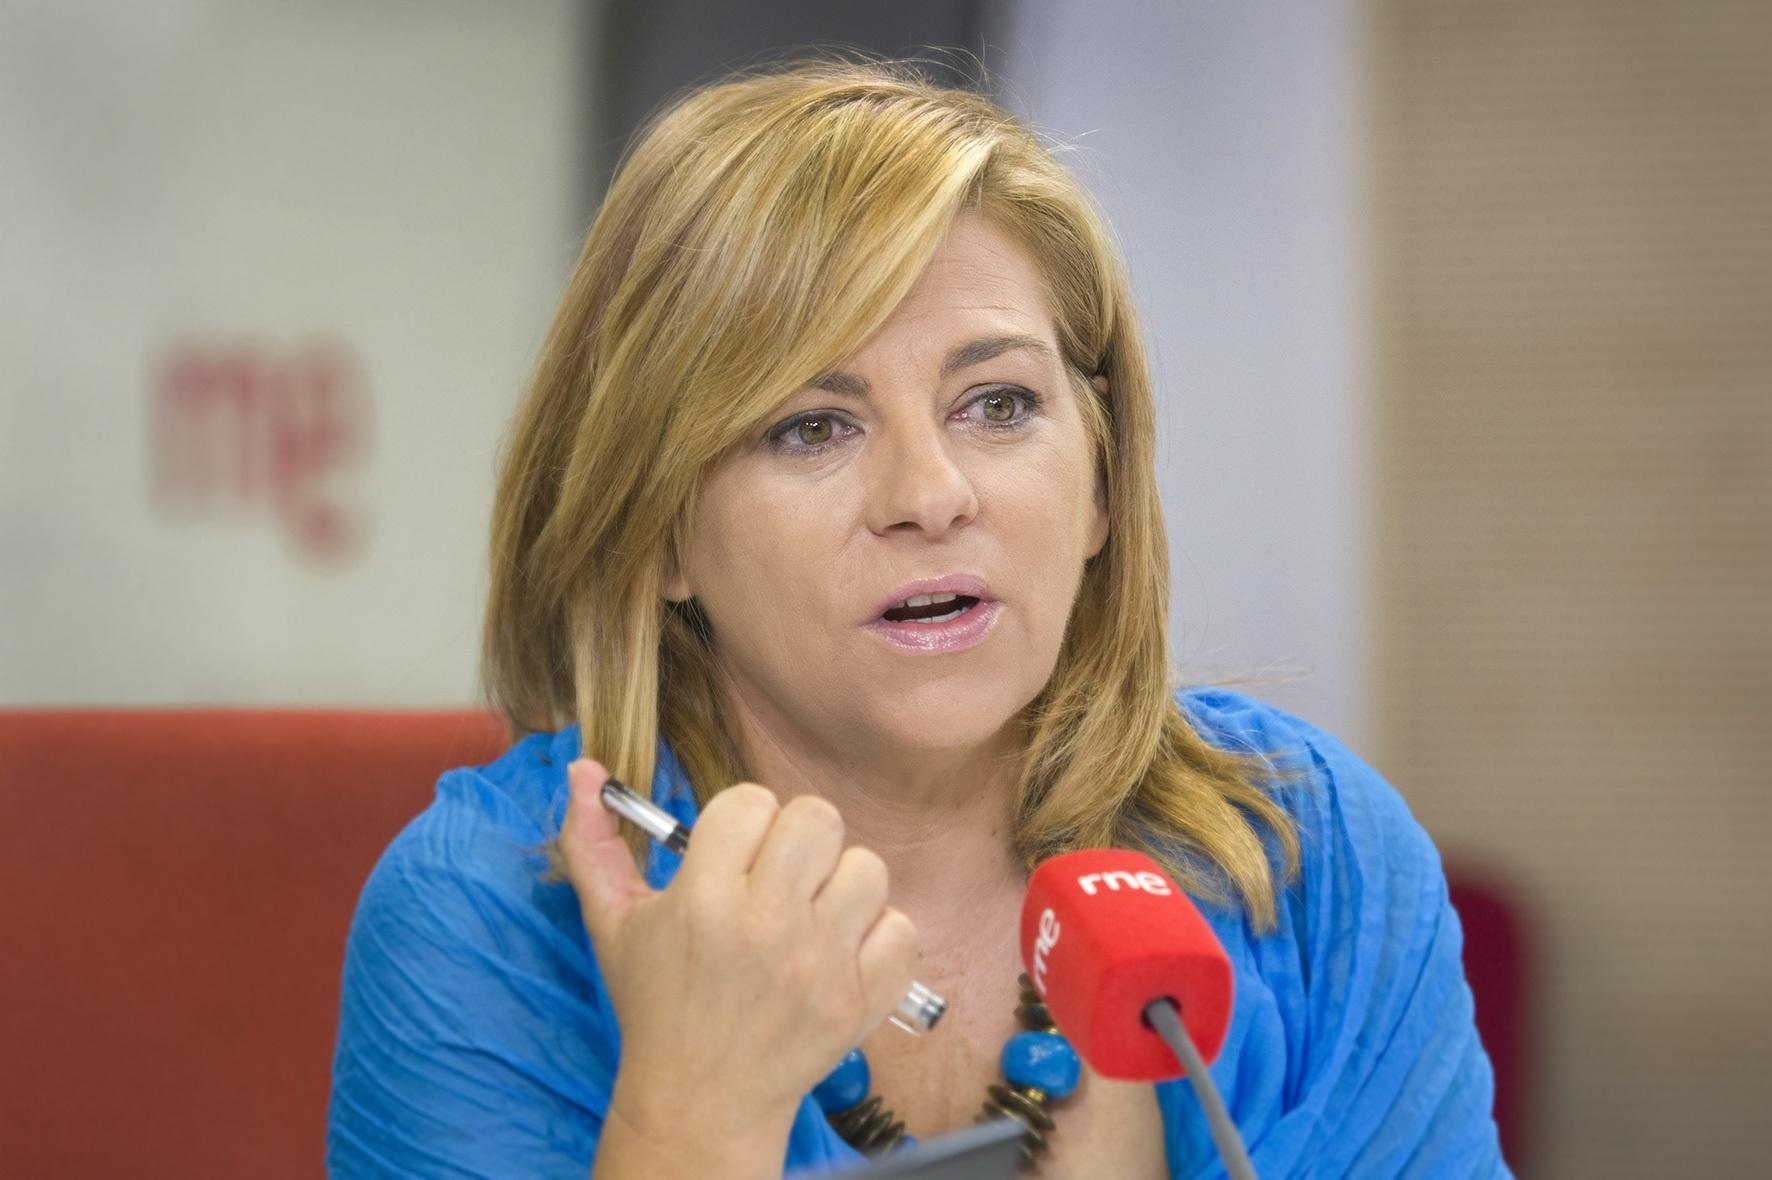 El PSOE asegura estar «al lado» del Gobierno aunque el PP no les apoyó «nunca» en política exterior